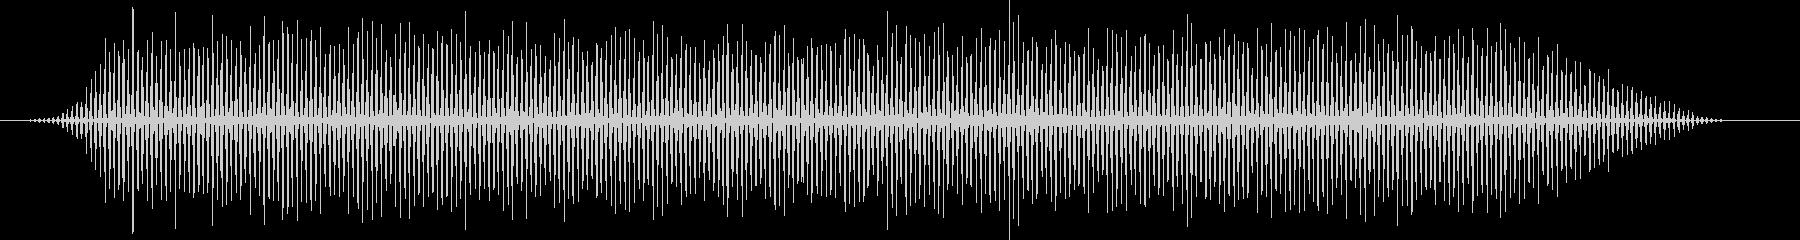 映画風のヘリコプター・バタバタ・効果音の未再生の波形